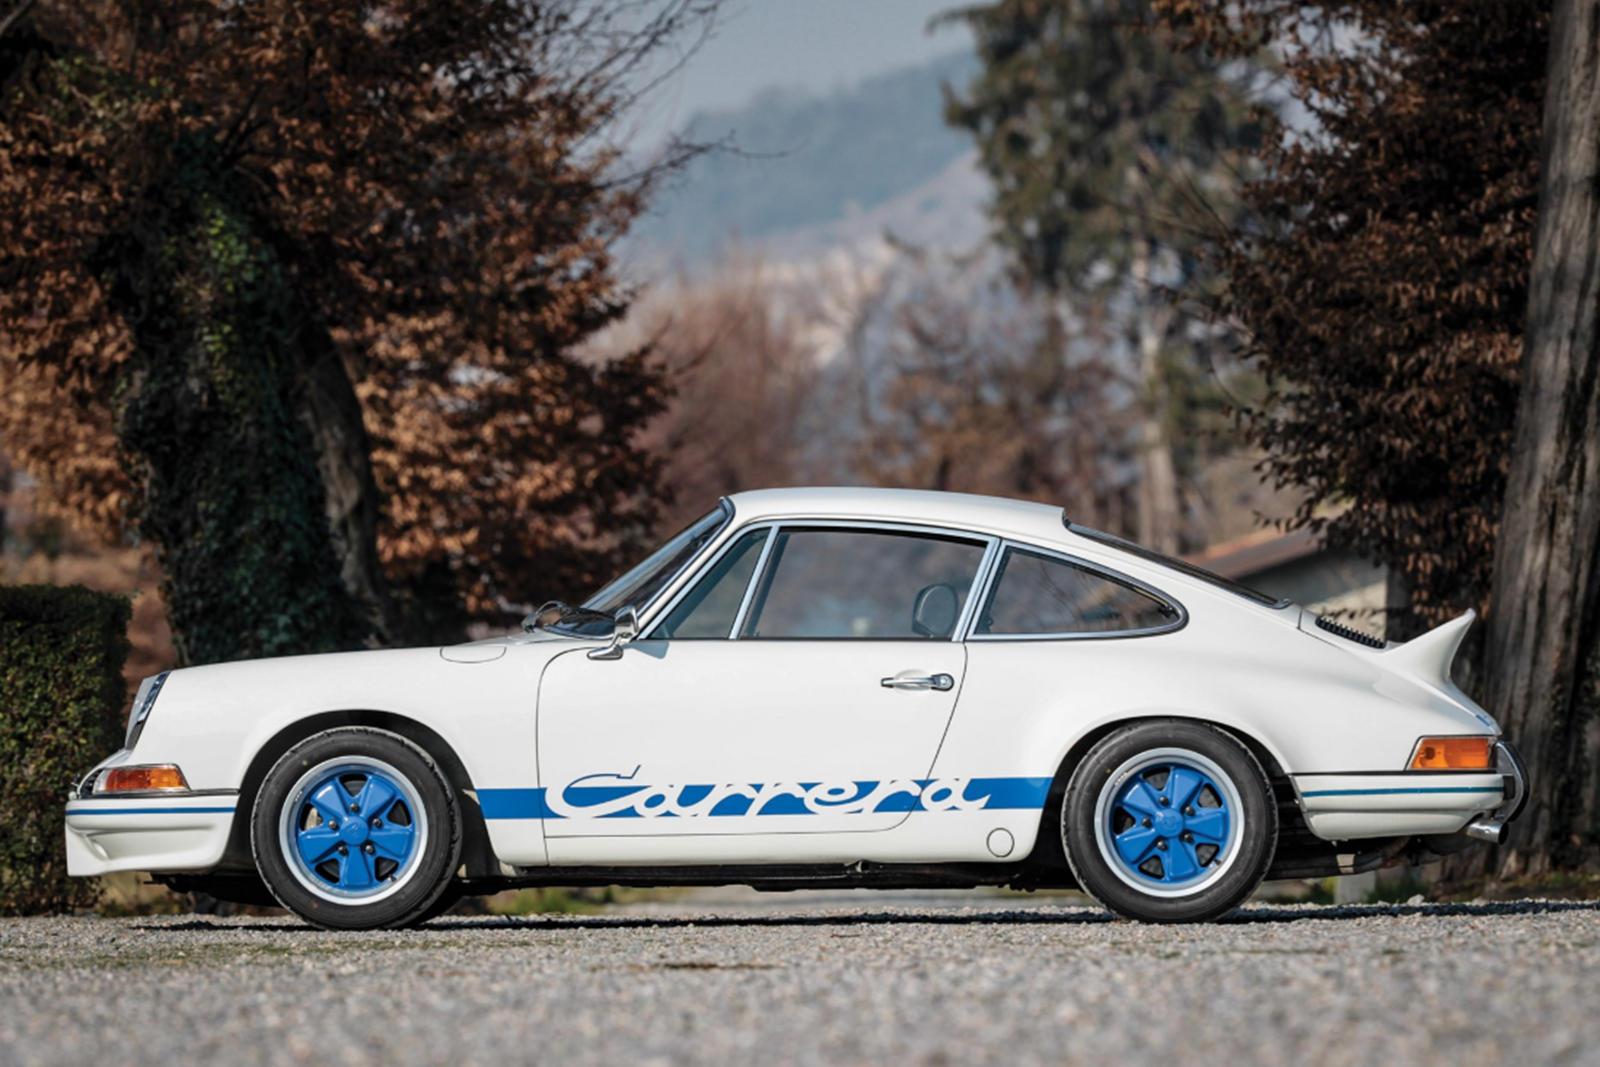 Billionaire Sues Dealership For Selling Him A Faulty Porsche